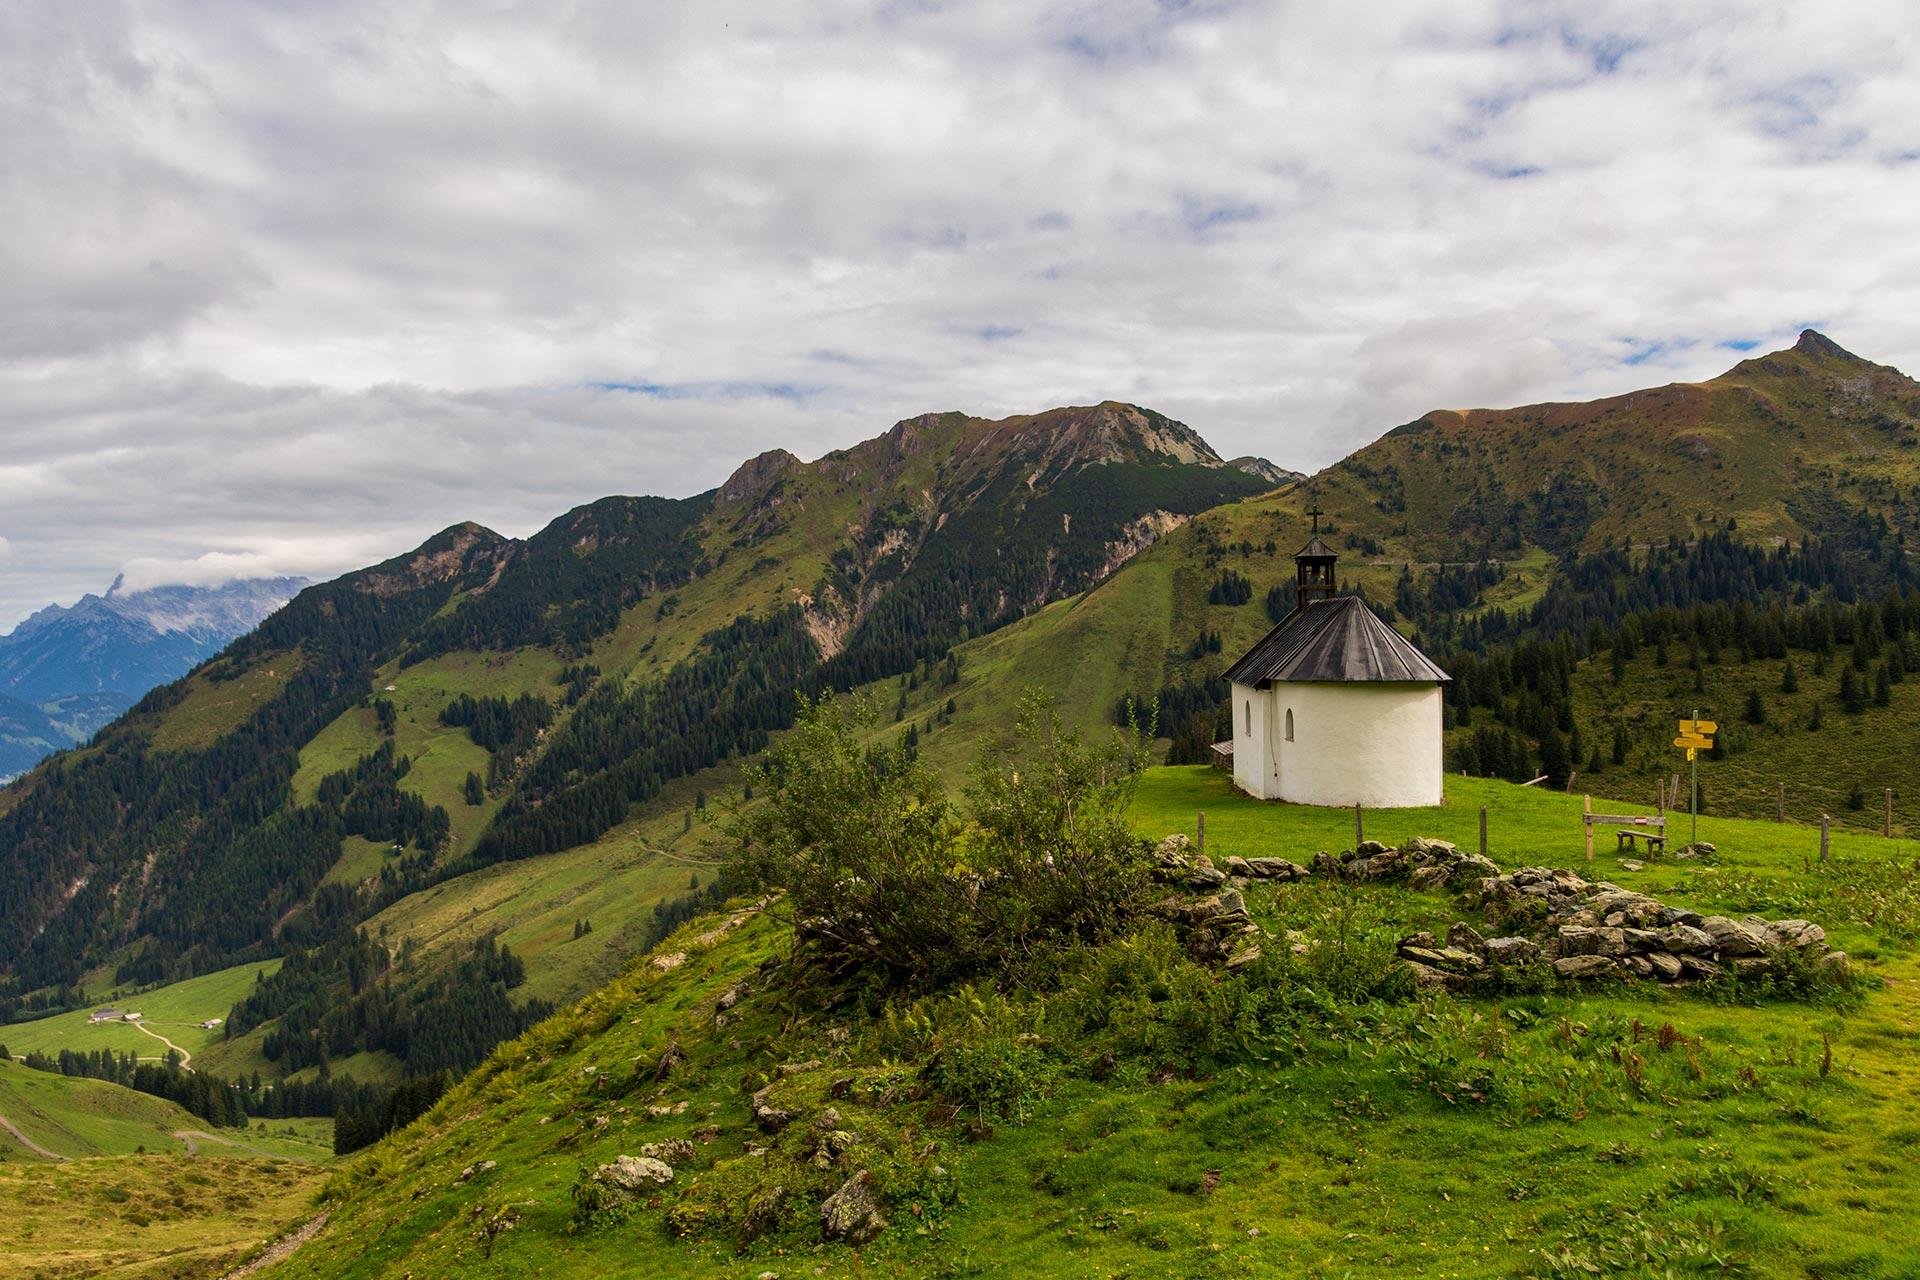 Ab hier geht es bergab. Noch sind es gut 800 Höhenmeter hinab bis nach Fieberbrunn.